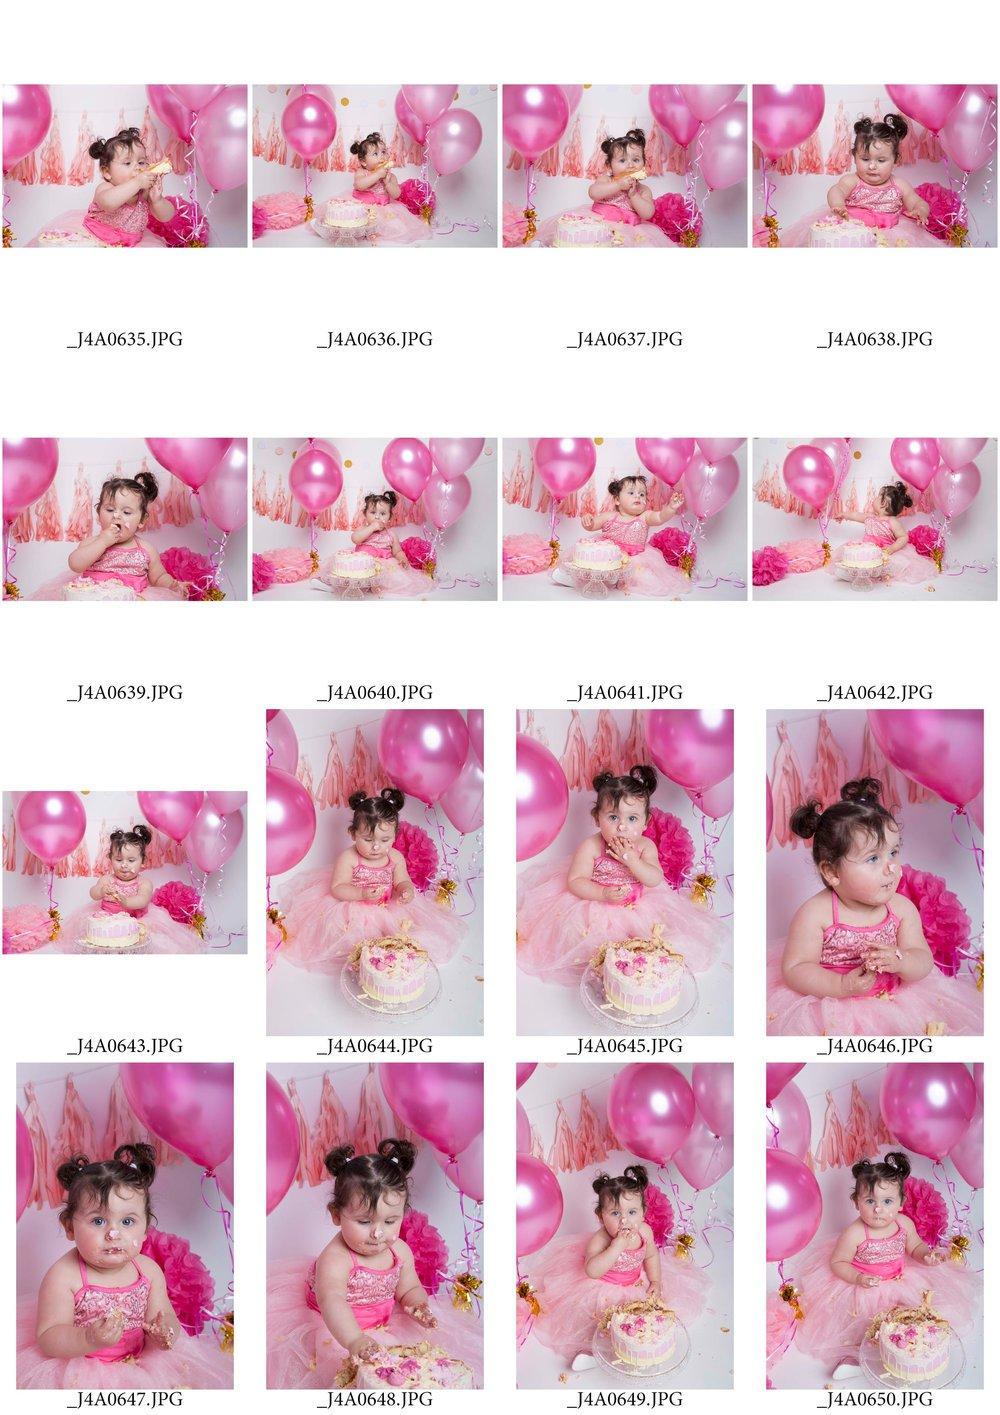 ContactSheet-016 copy.jpg